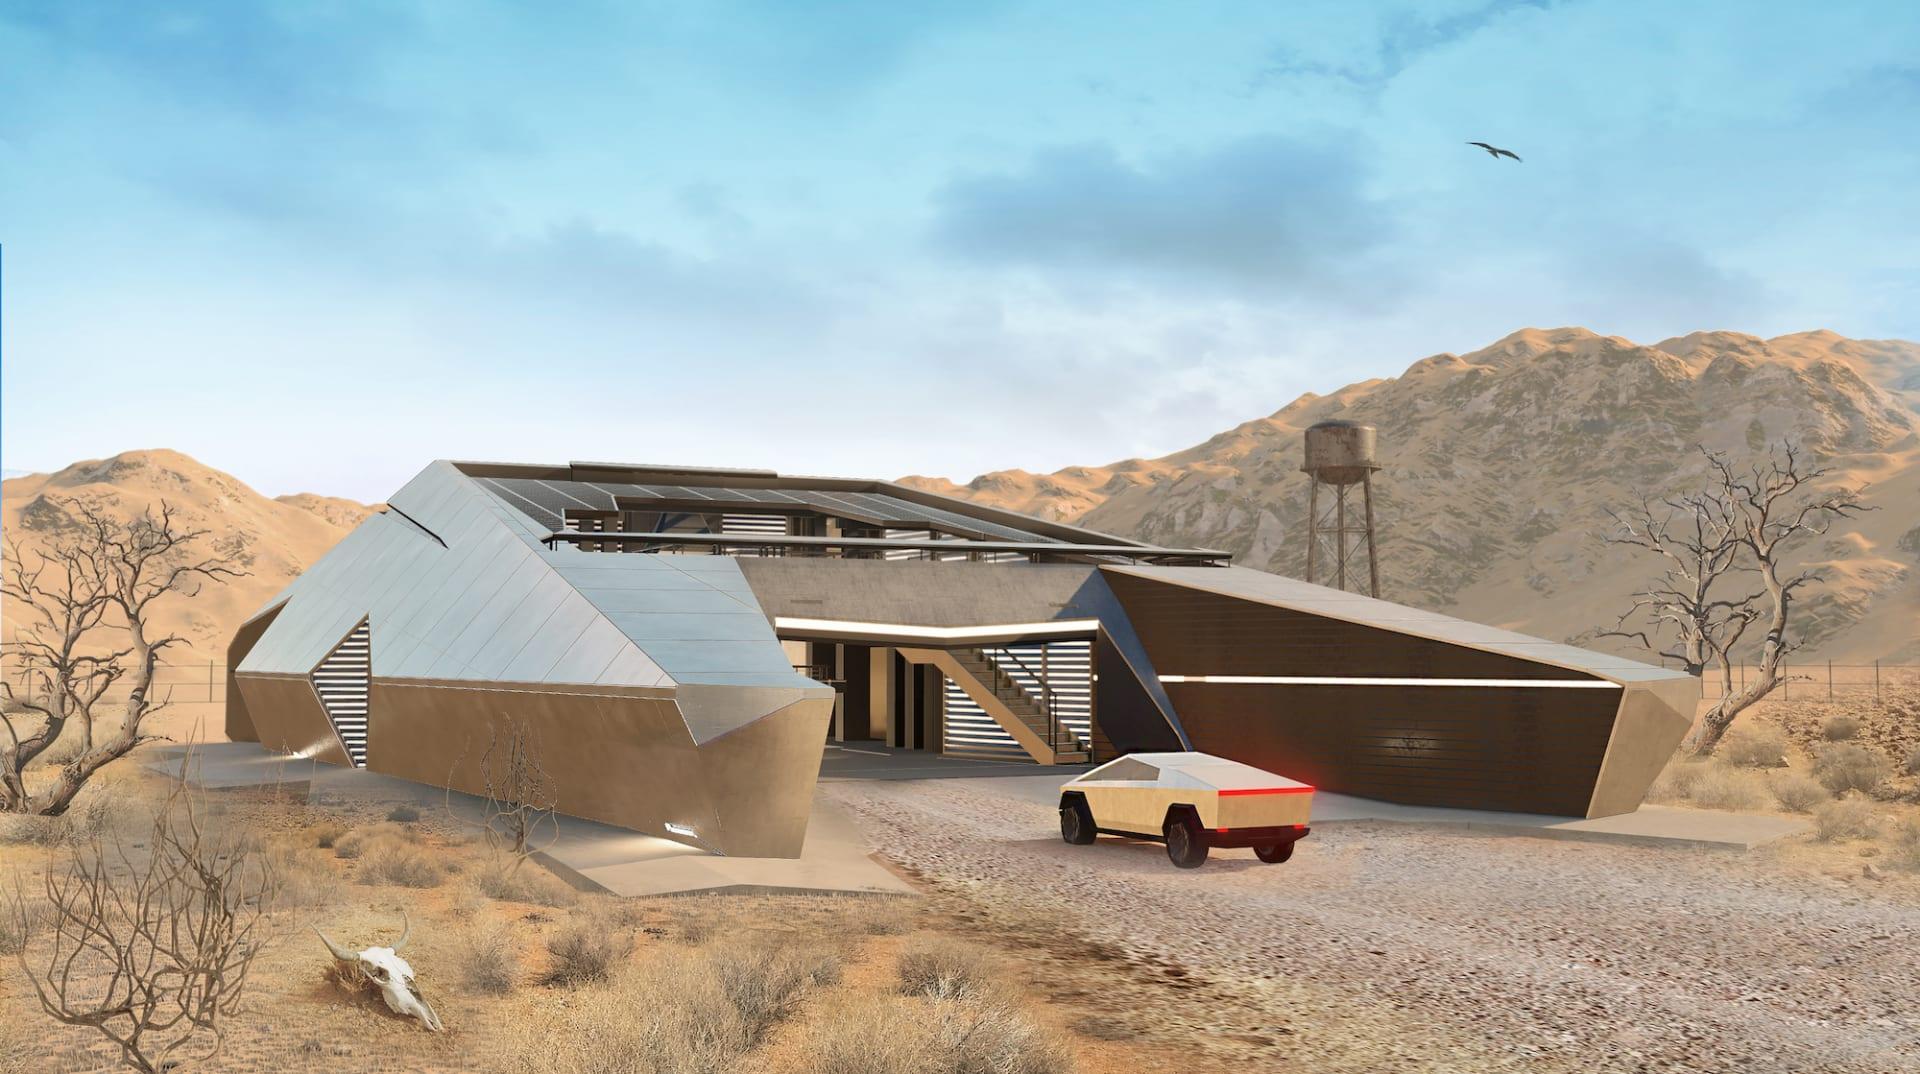 تصميم منزل مستوحى من شاحنة تسلا المصفحة